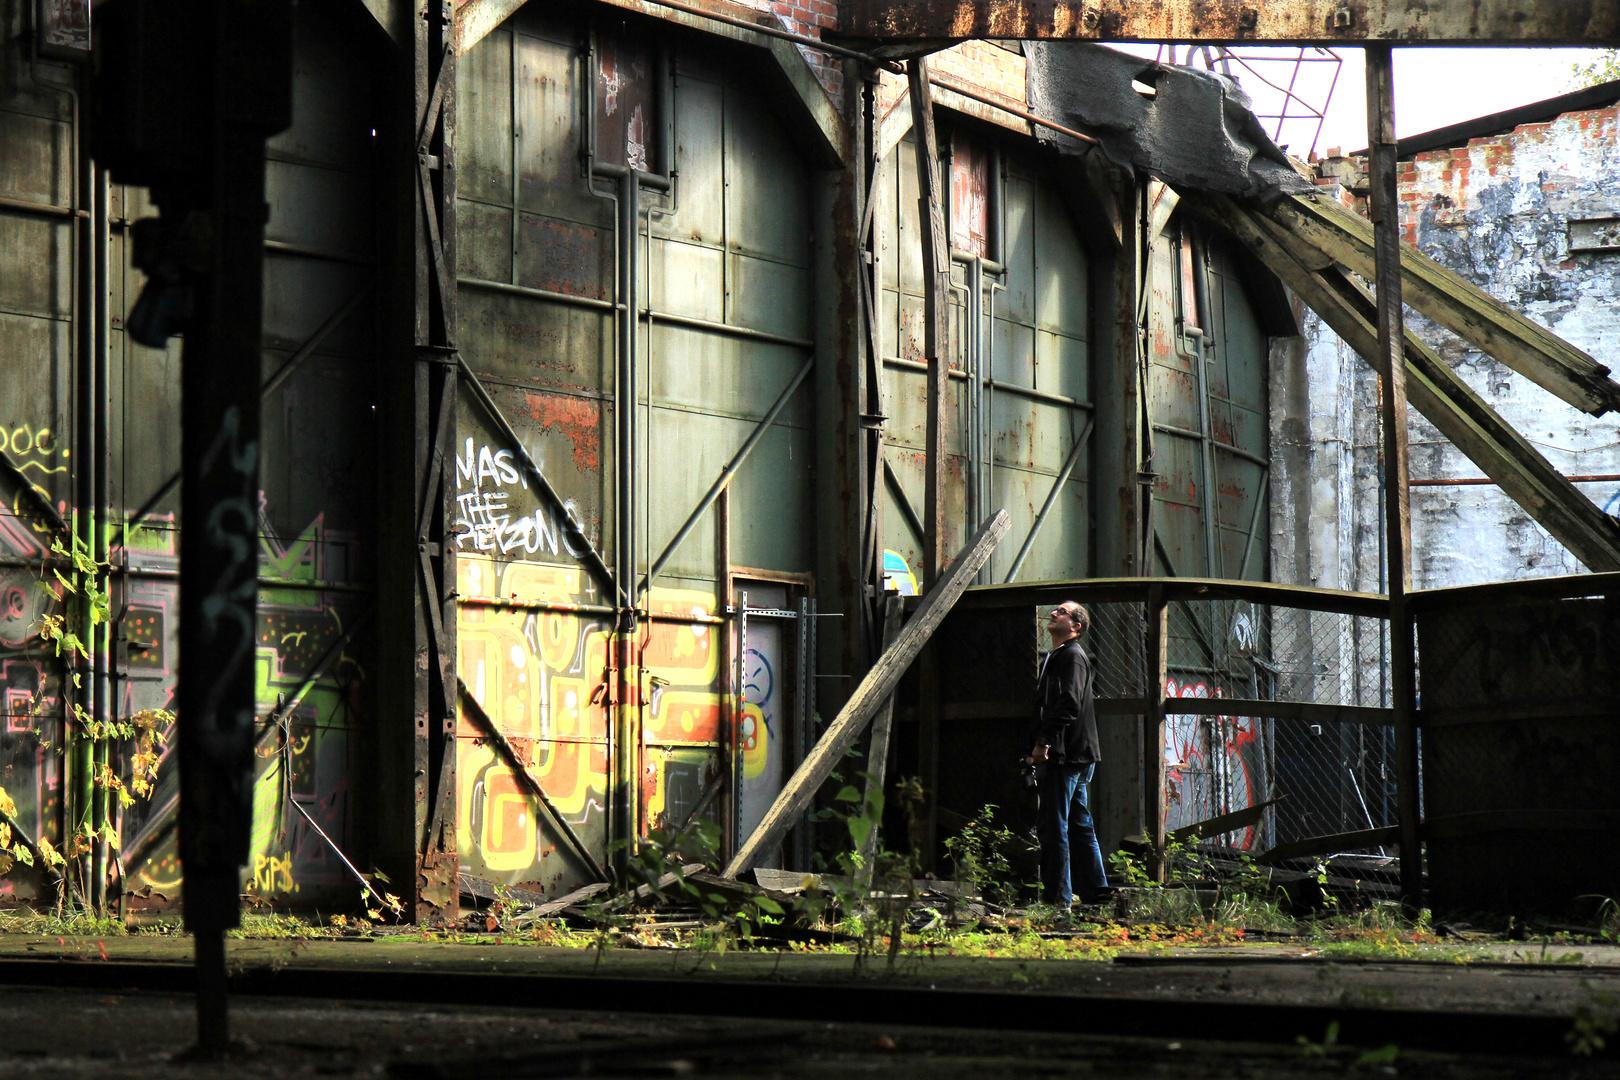 Verlassenes Bahnhofsgelände Graffiti 5